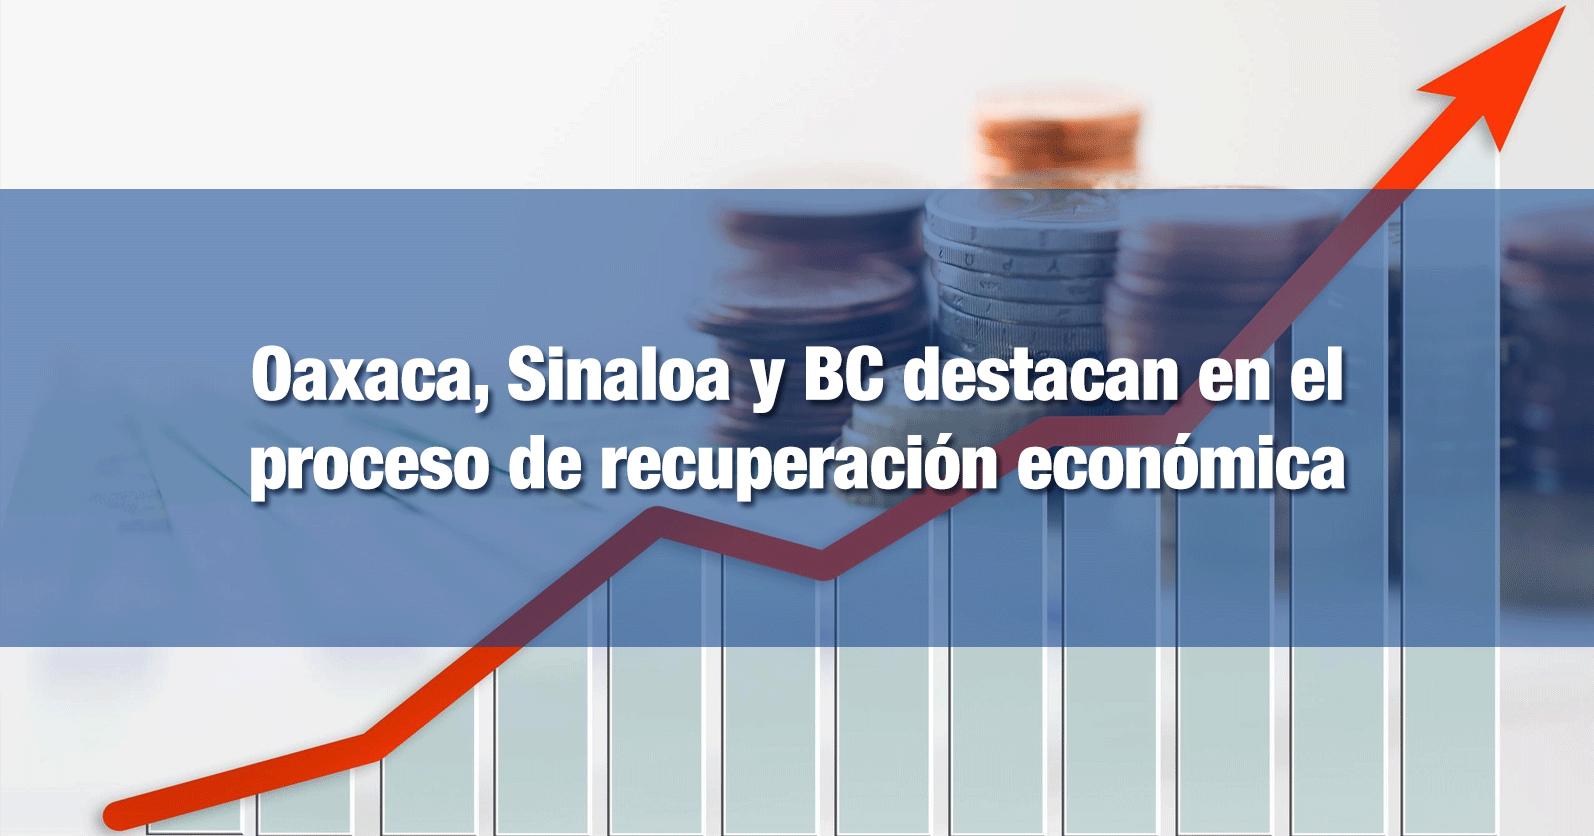 Oaxaca, Sinaloa y BC destacan en el proceso de recuperación económica